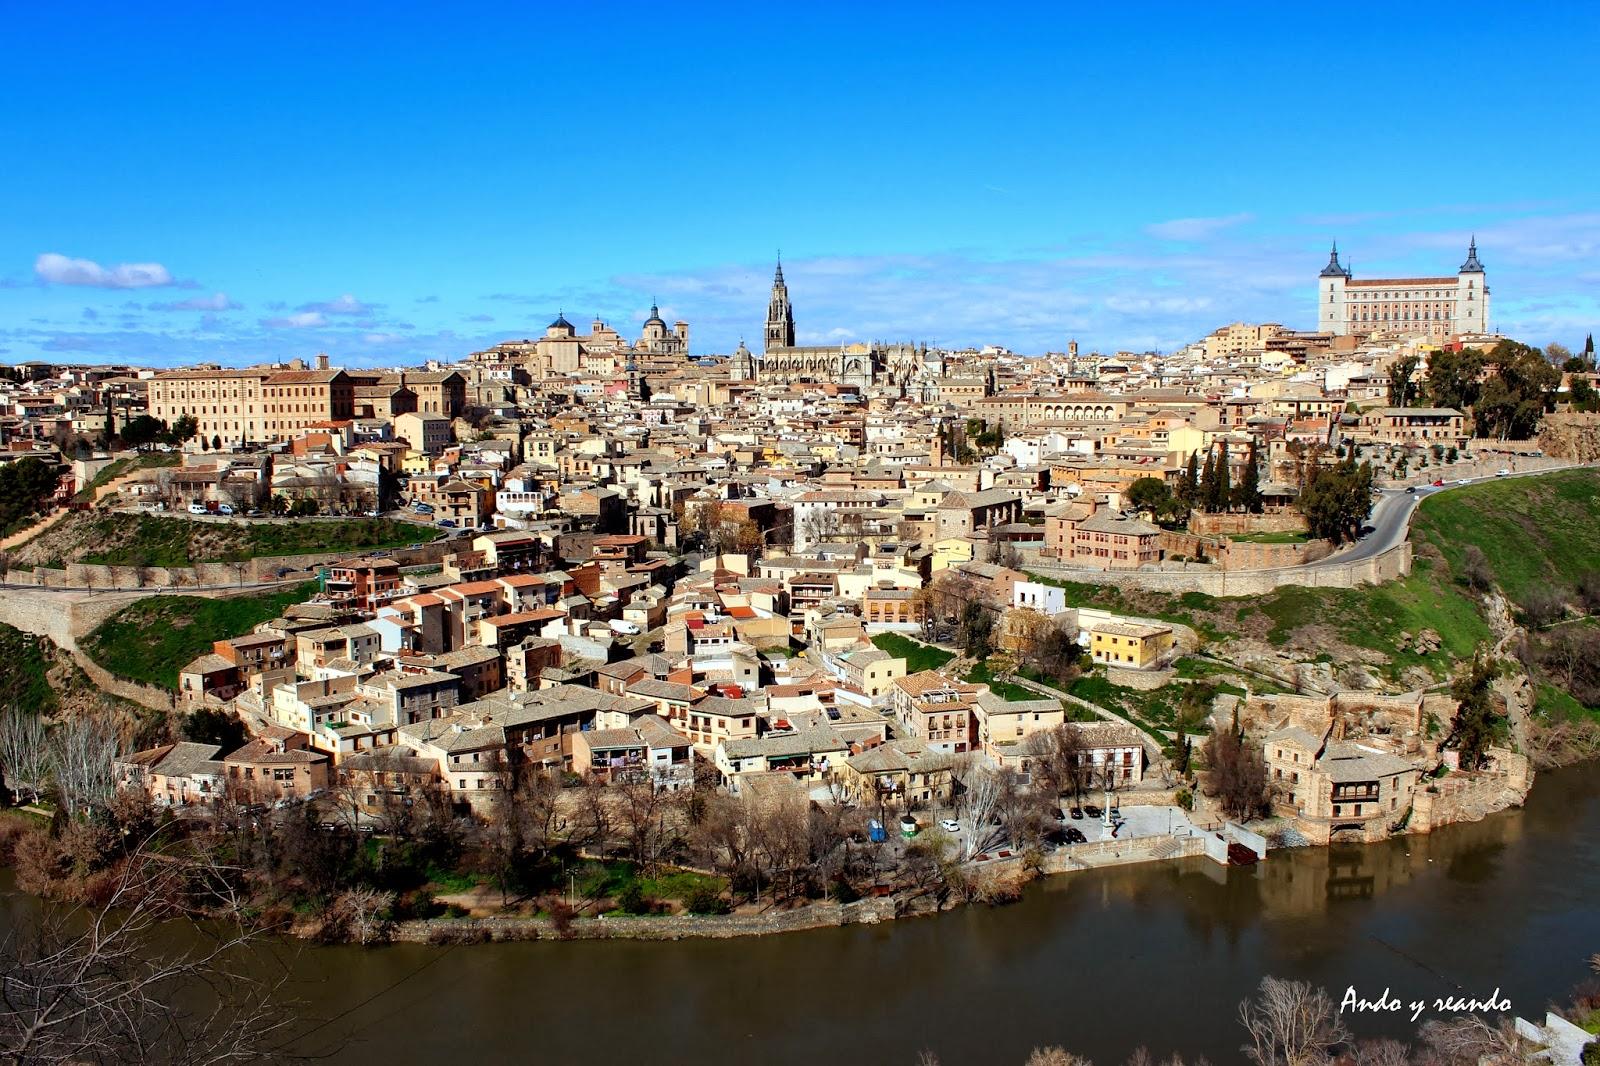 Vista de Toledo y el río Tajo